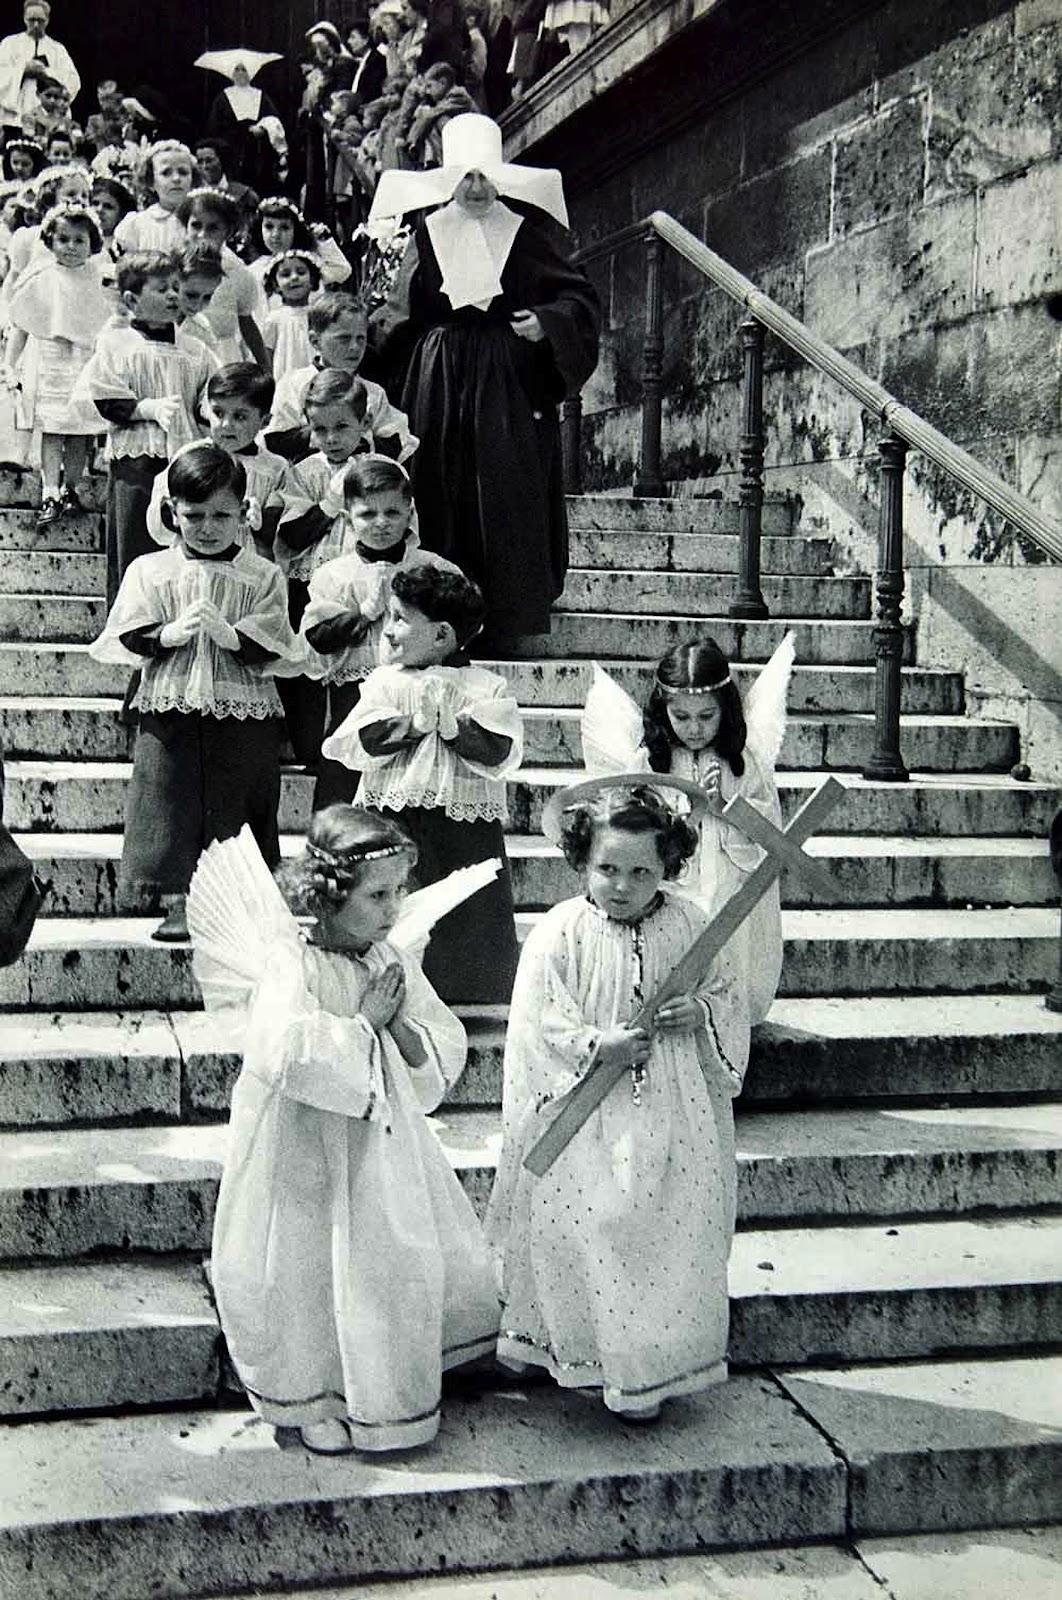 Henri Cartier-Bresson, Paris, 1955